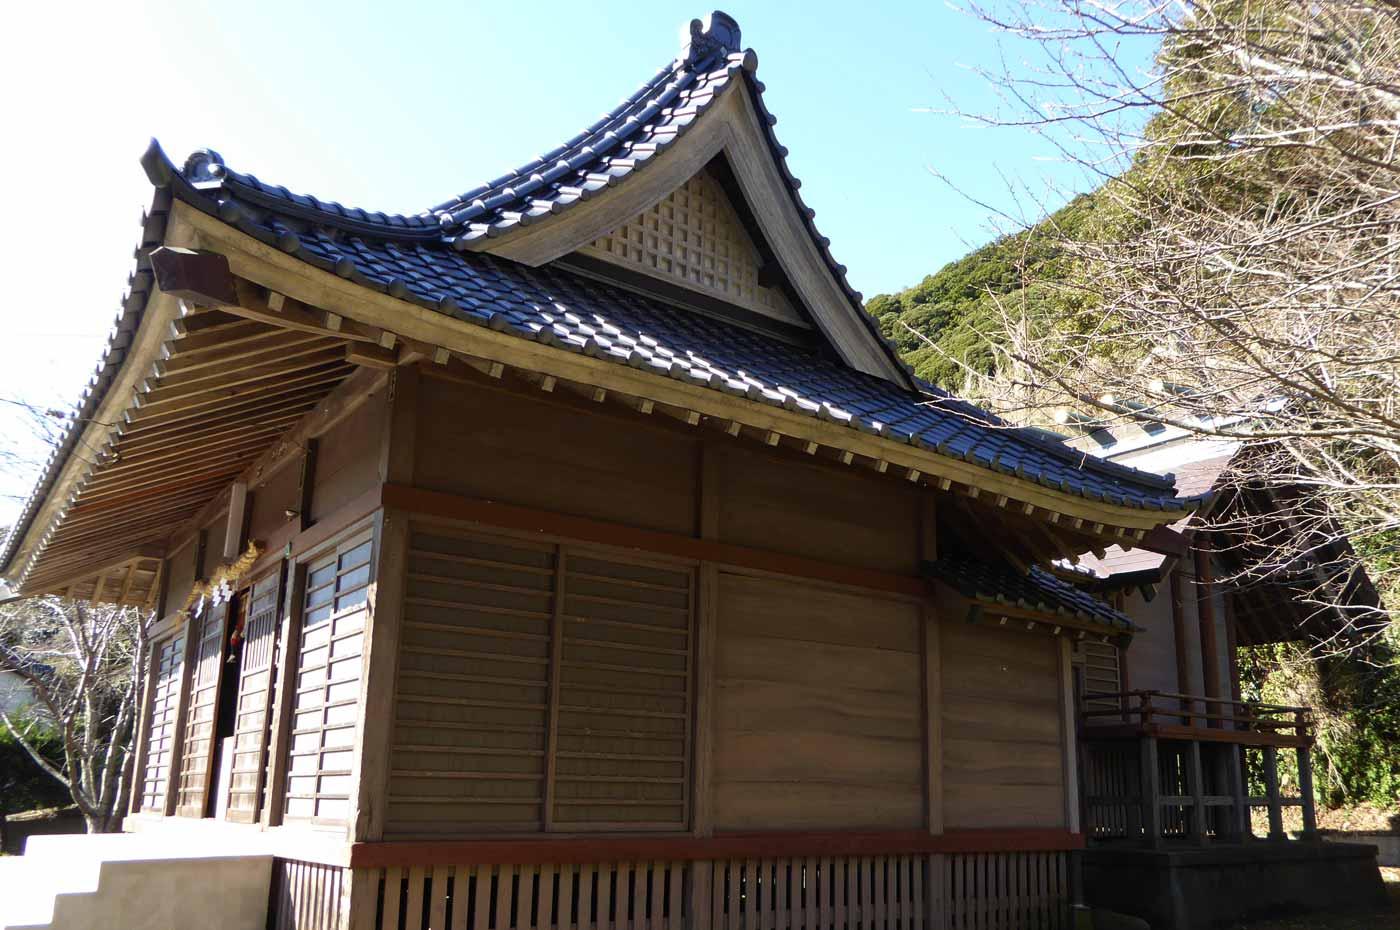 青根原神社の拝殿と本殿の画像